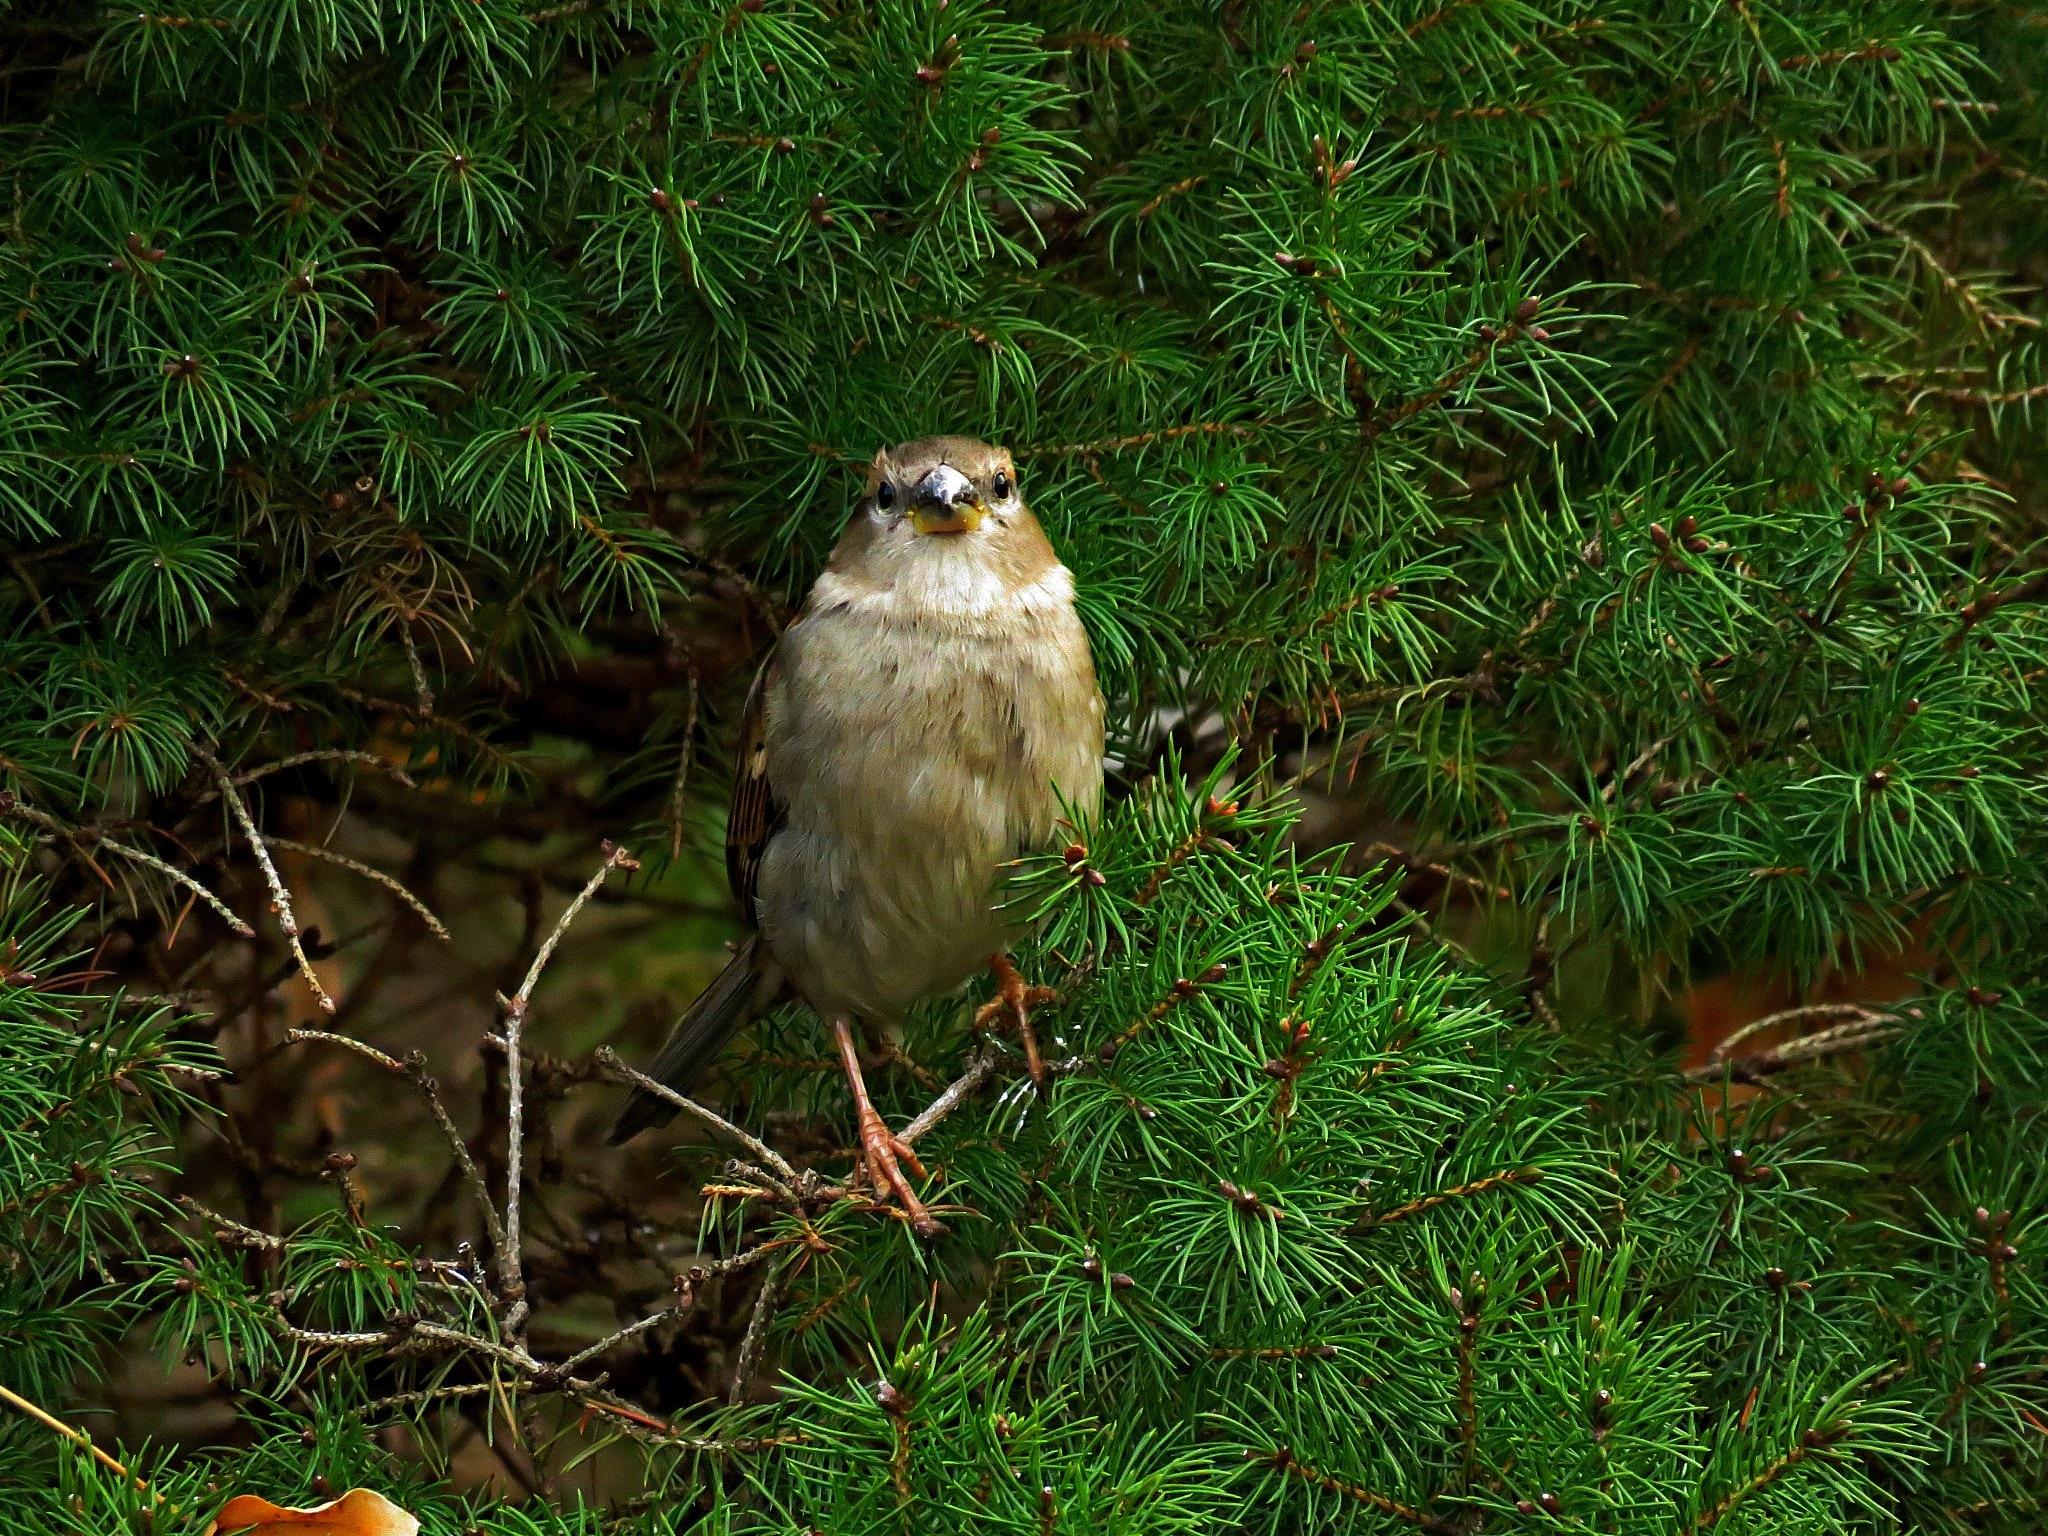 Sparrow by Wayne T. 'tom' Helfrich